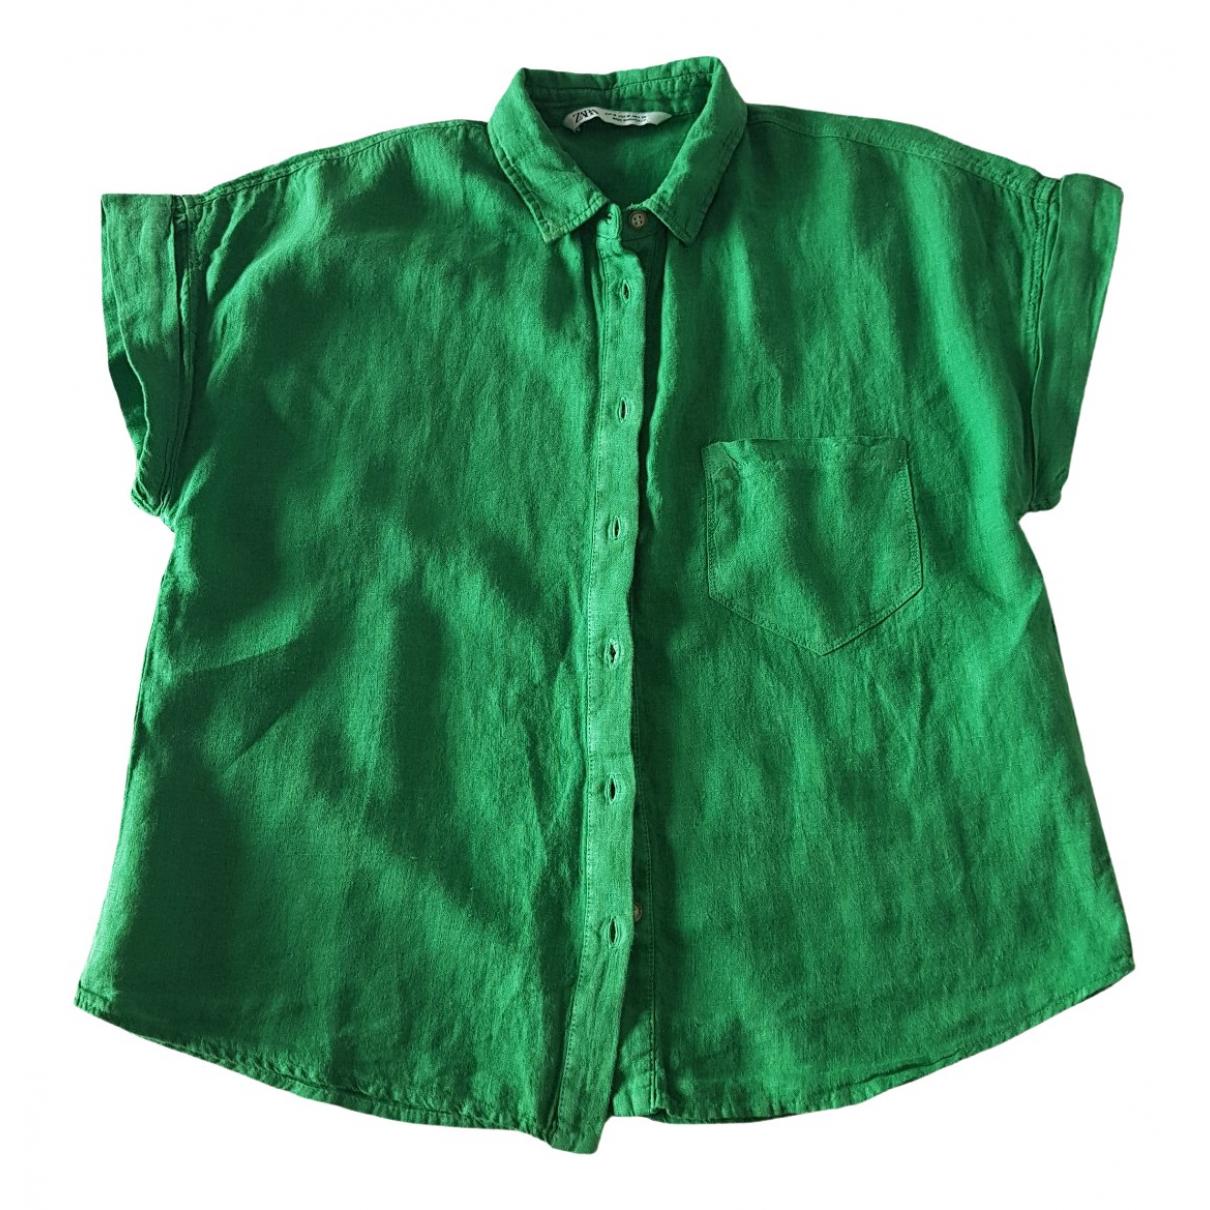 Zara \N Green Linen  top for Women M International